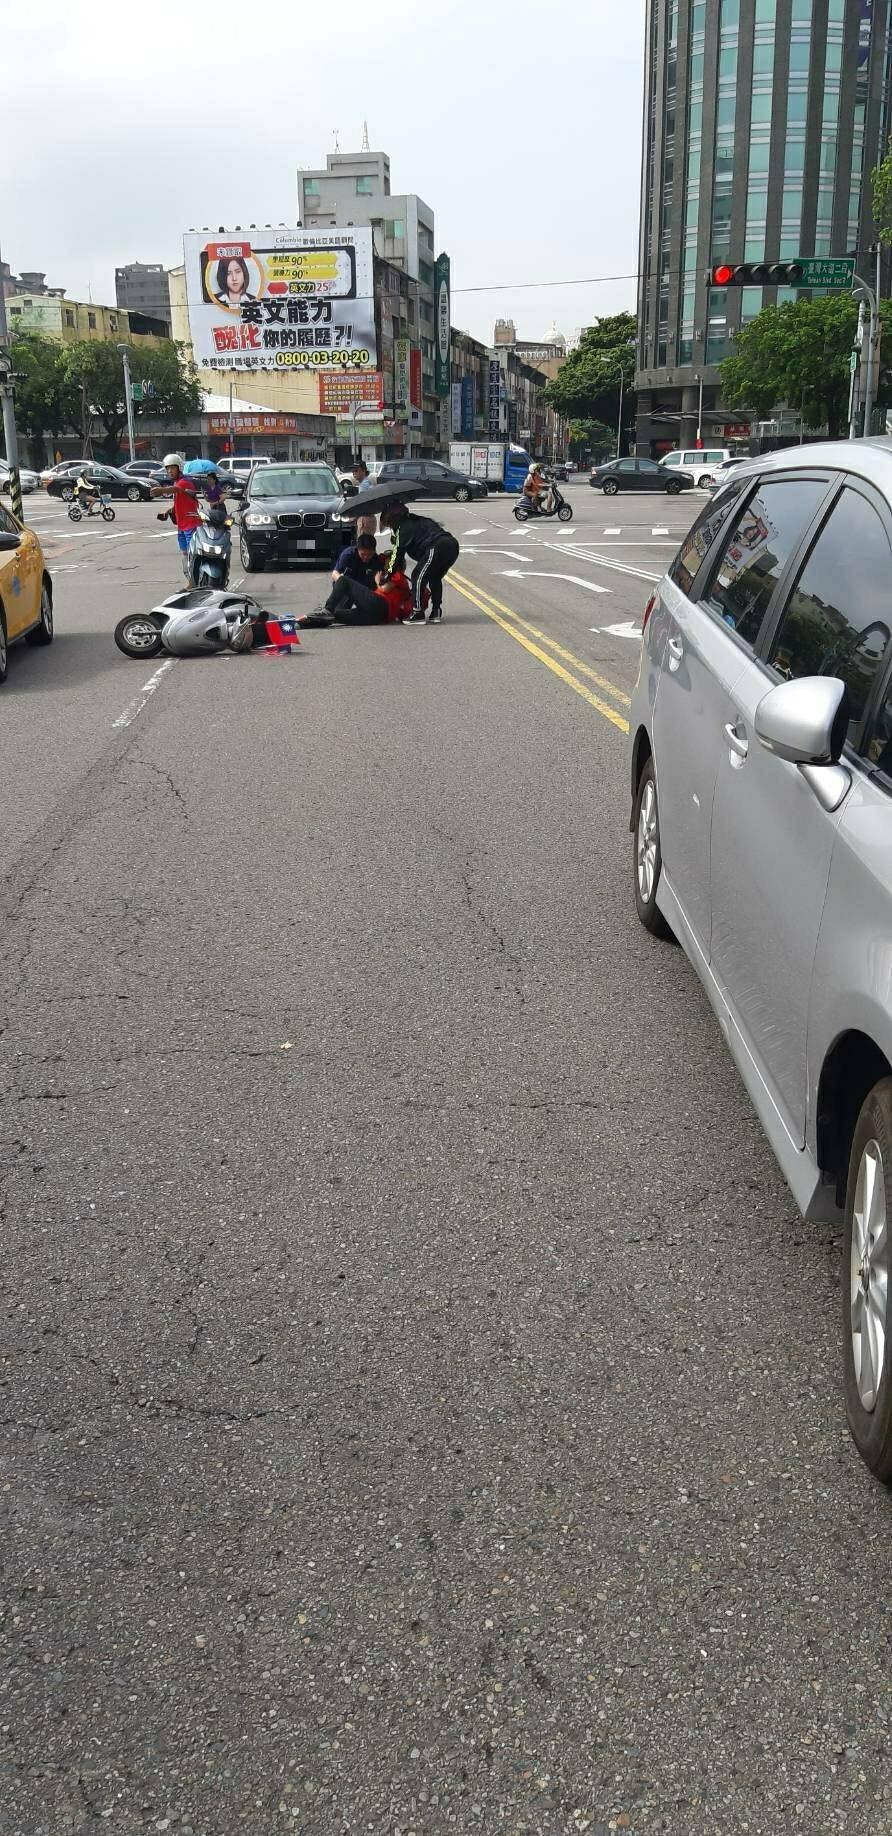 負責韓國瑜車隊壓尾的台中市警局保大轎車與一旁機車騎士發生碰撞,男騎士手腳擦傷,送...